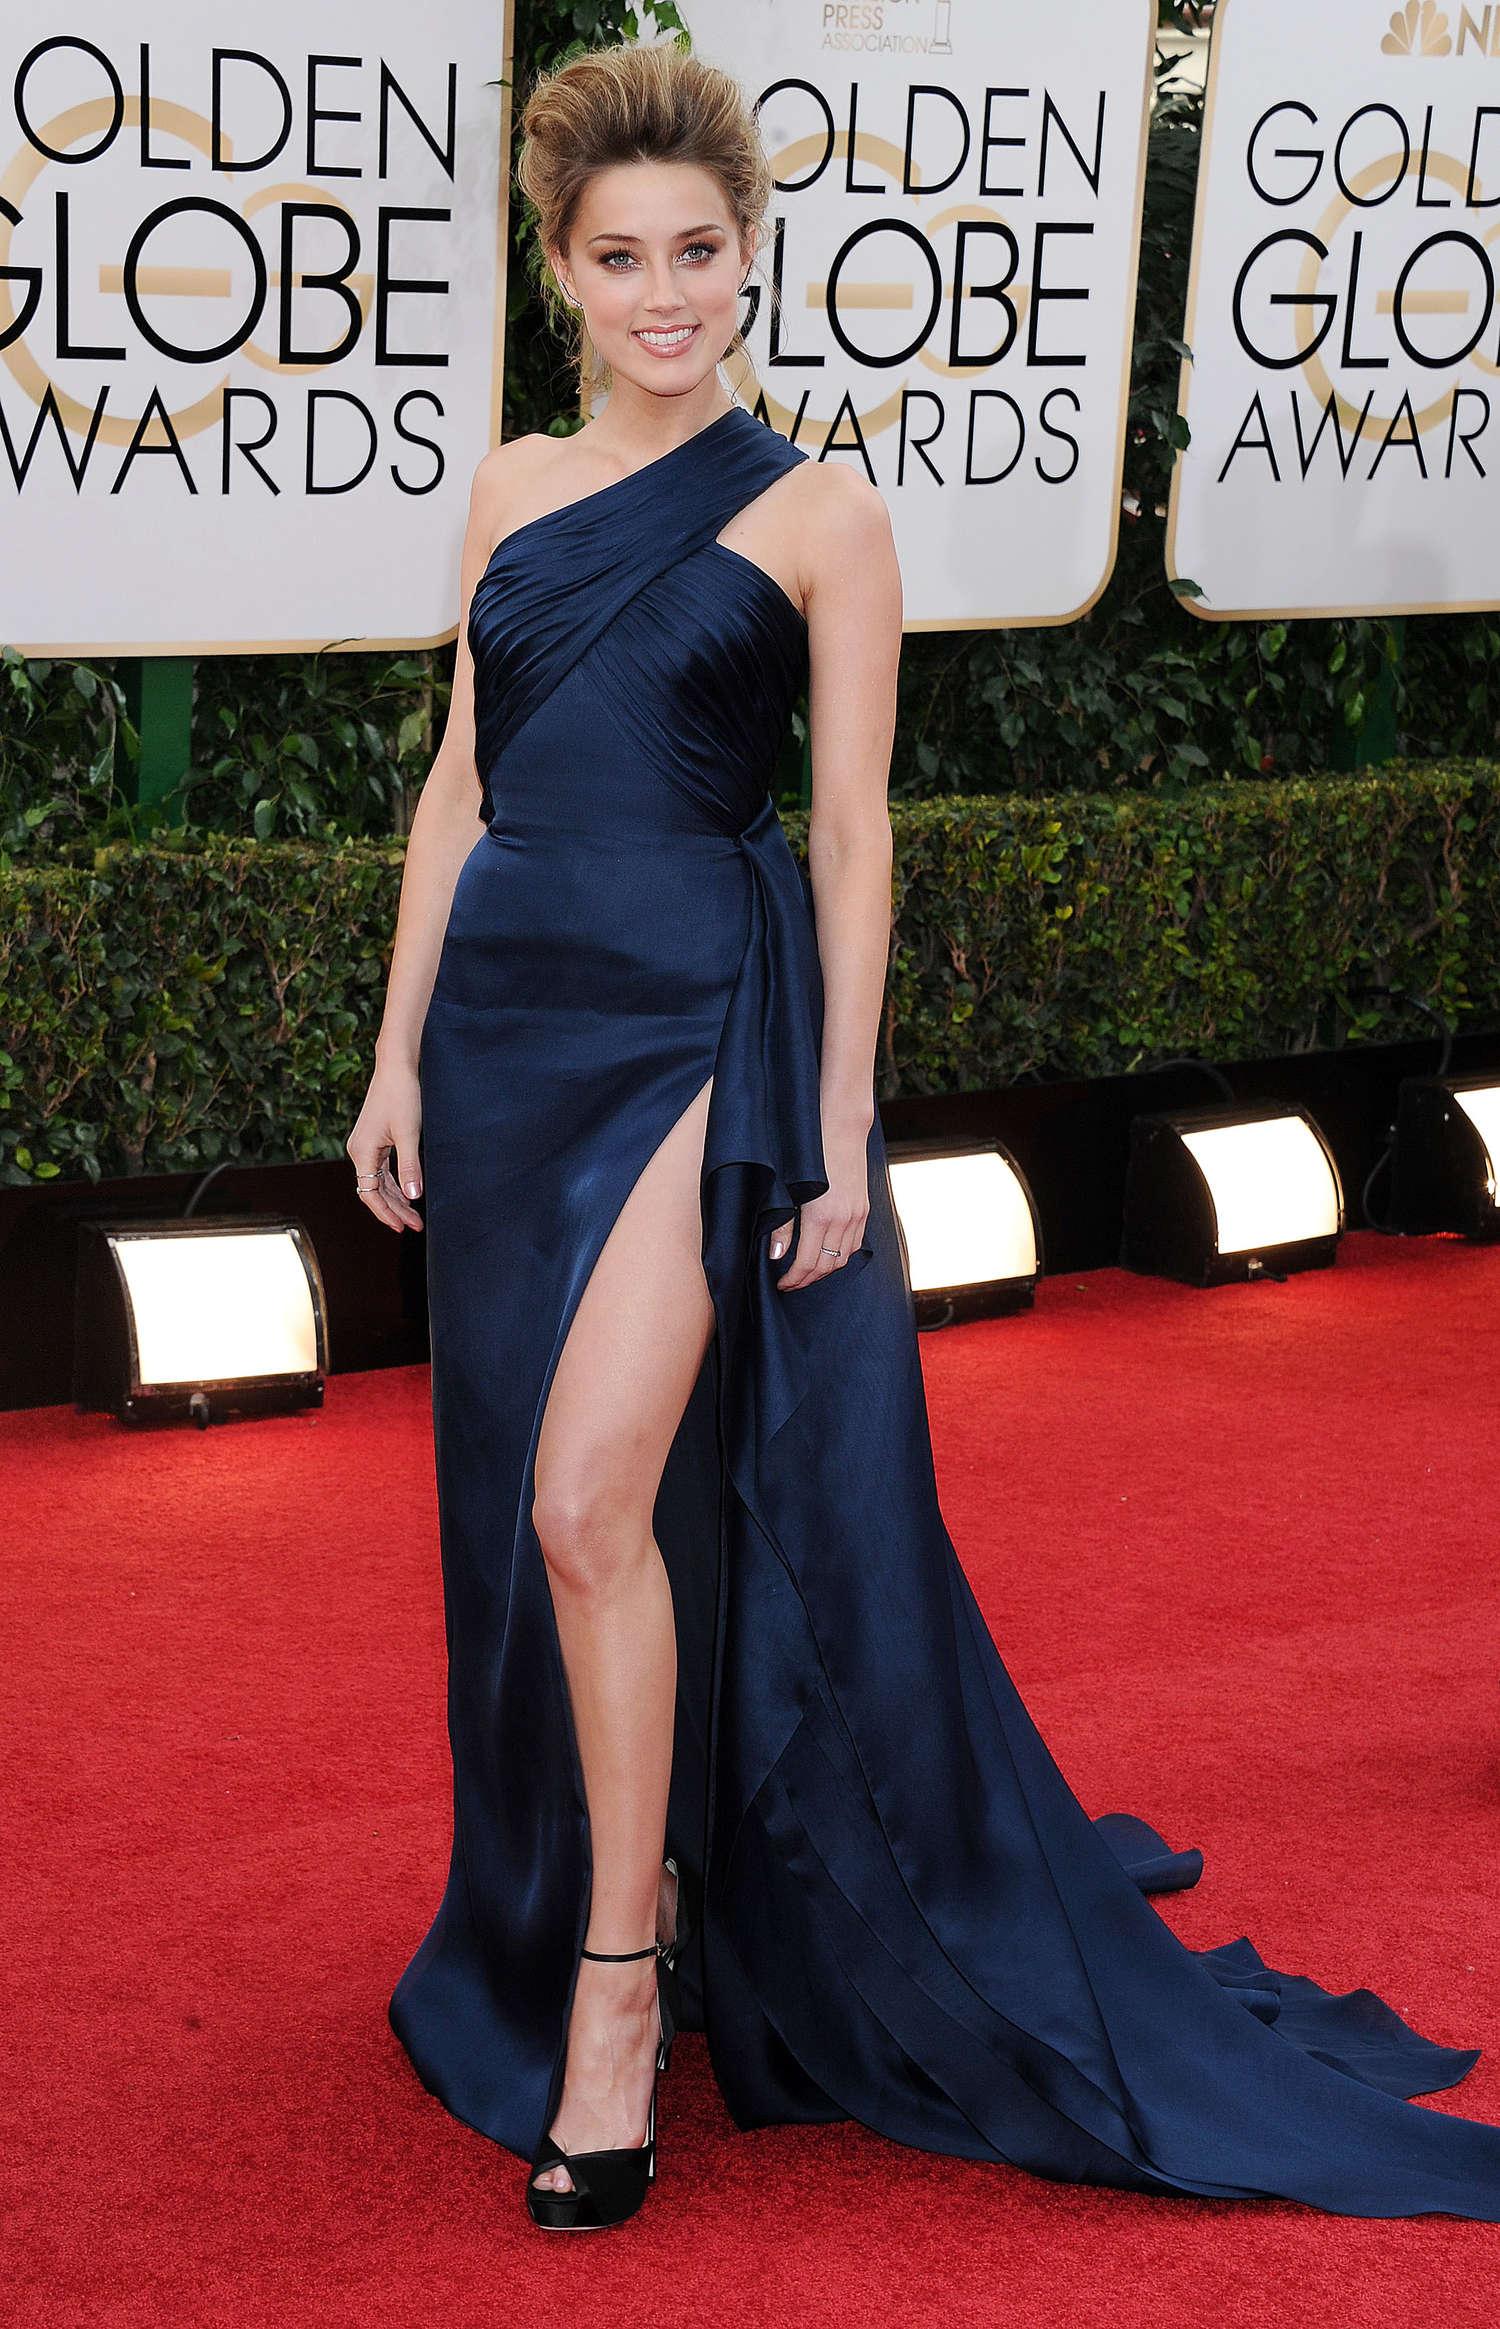 Amber Heard 2014 : Amber Heard: Golden Globe 2014 Awards -07